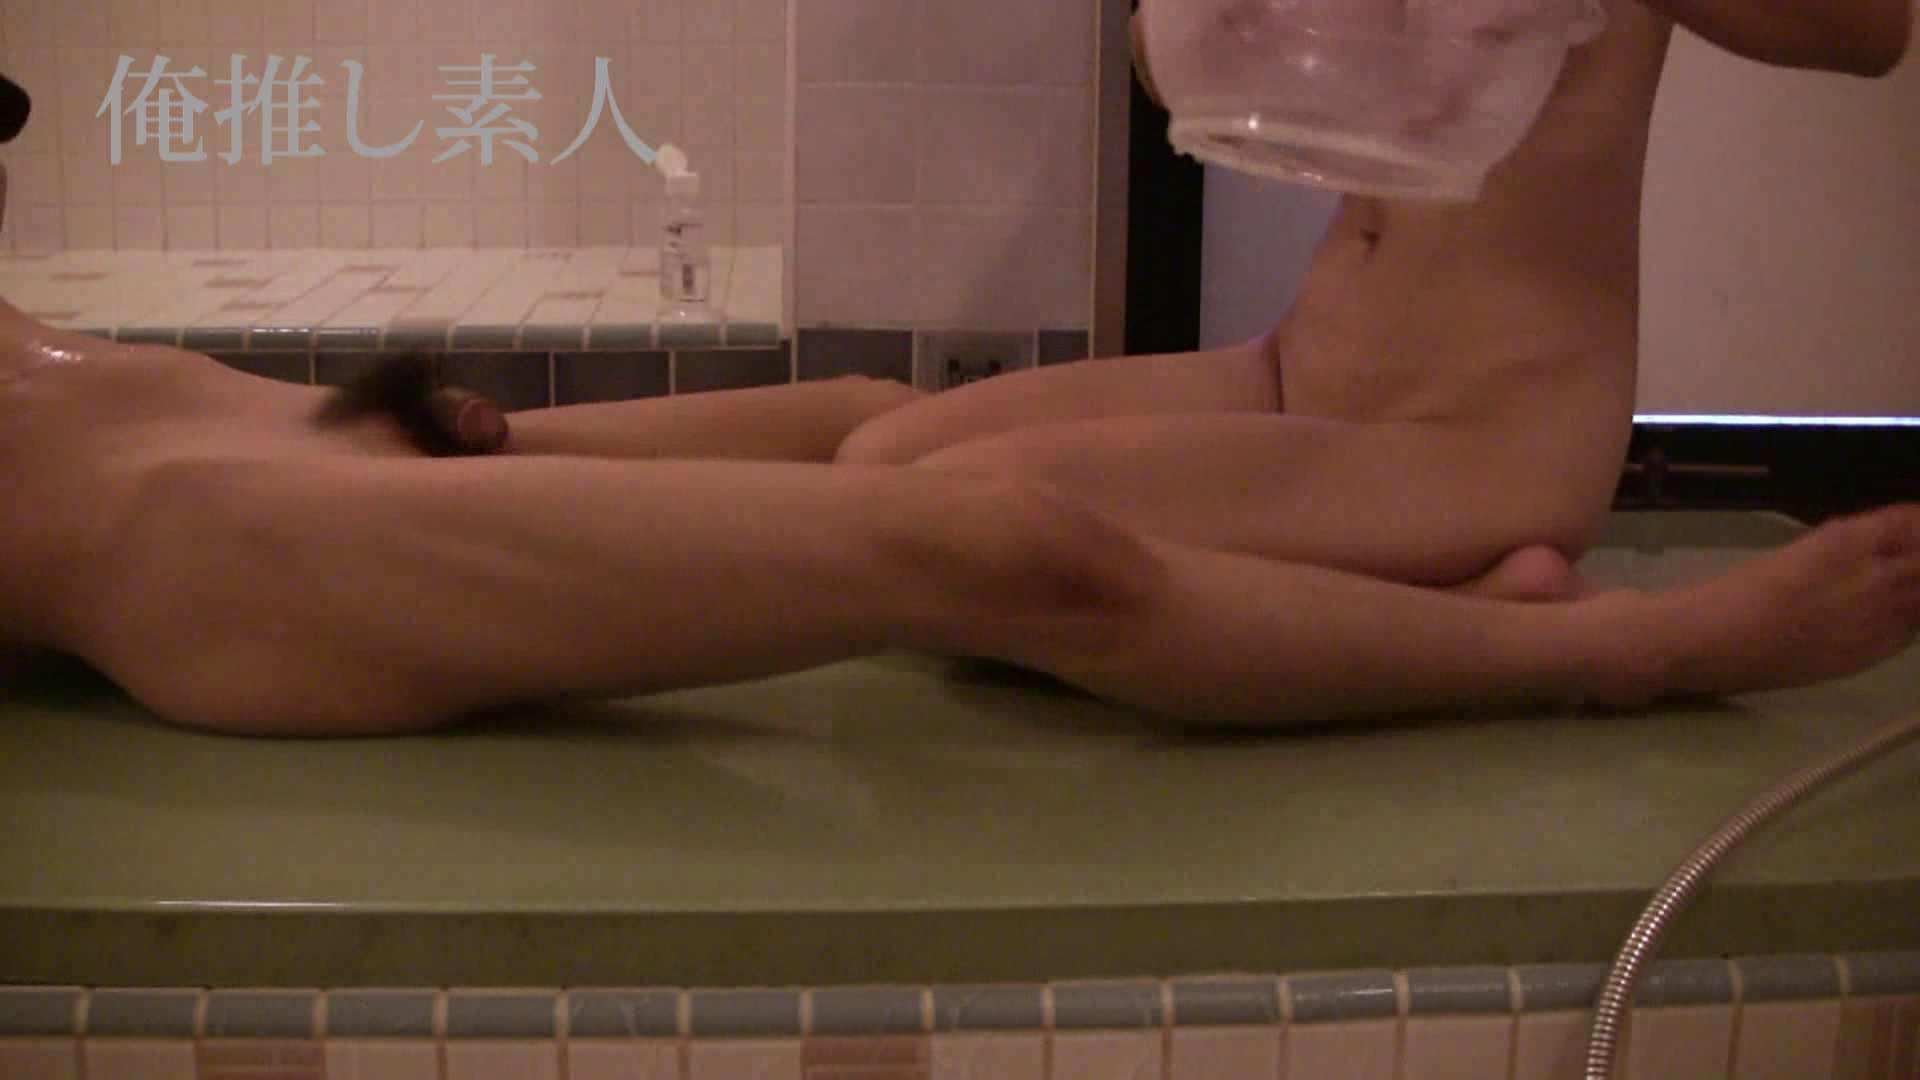 俺推し素人 30代人妻熟女キャバ嬢雫Vol.02 一般投稿 | 人妻のエッチ  100pic 36